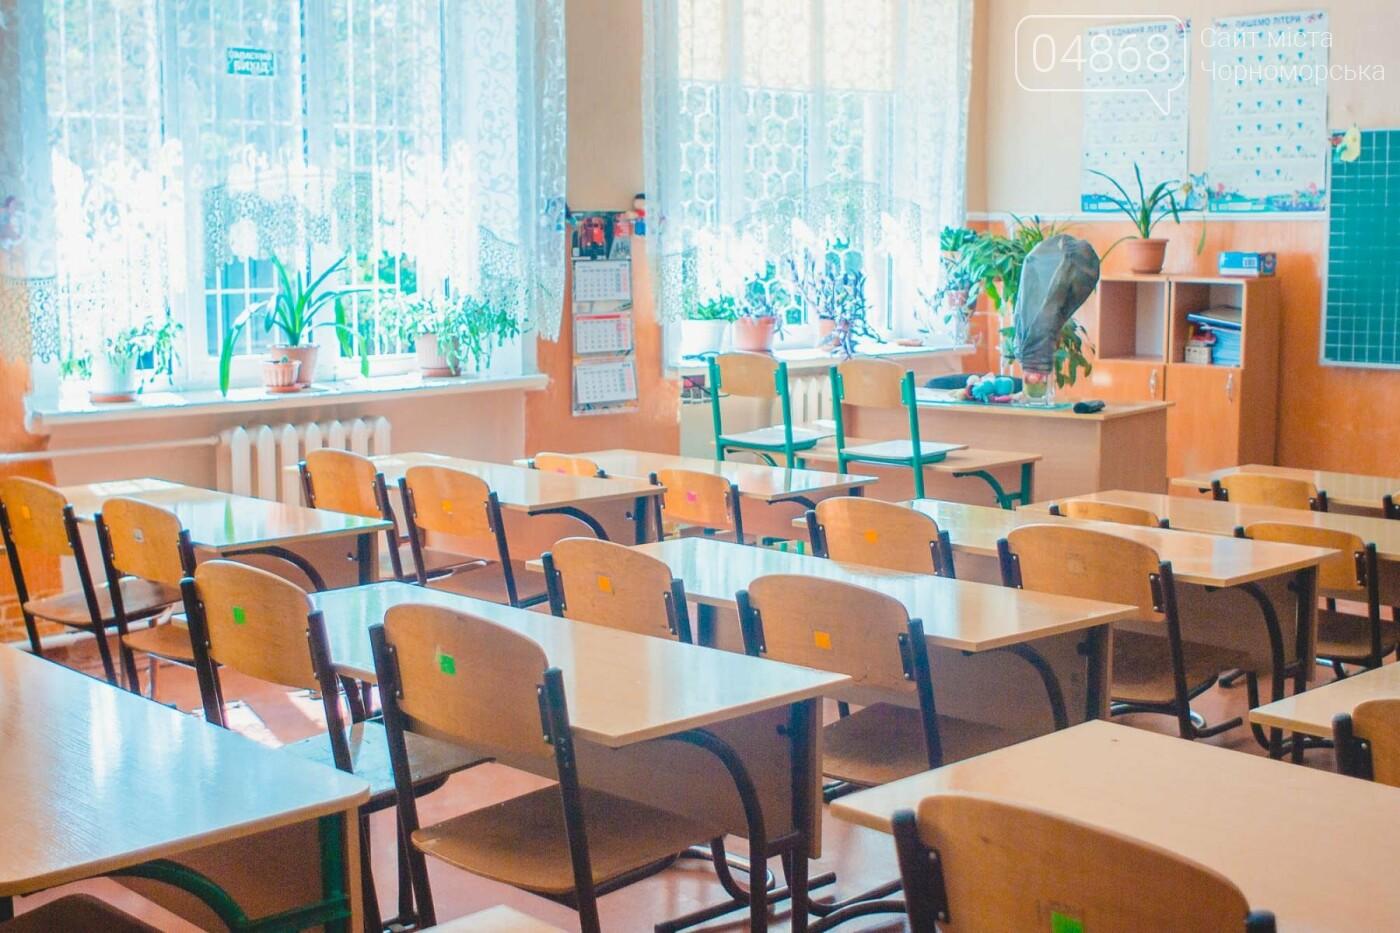 Новые окна, кабинеты и пищеблок: школы Черноморска готовятся к 1 сентября, фото-10